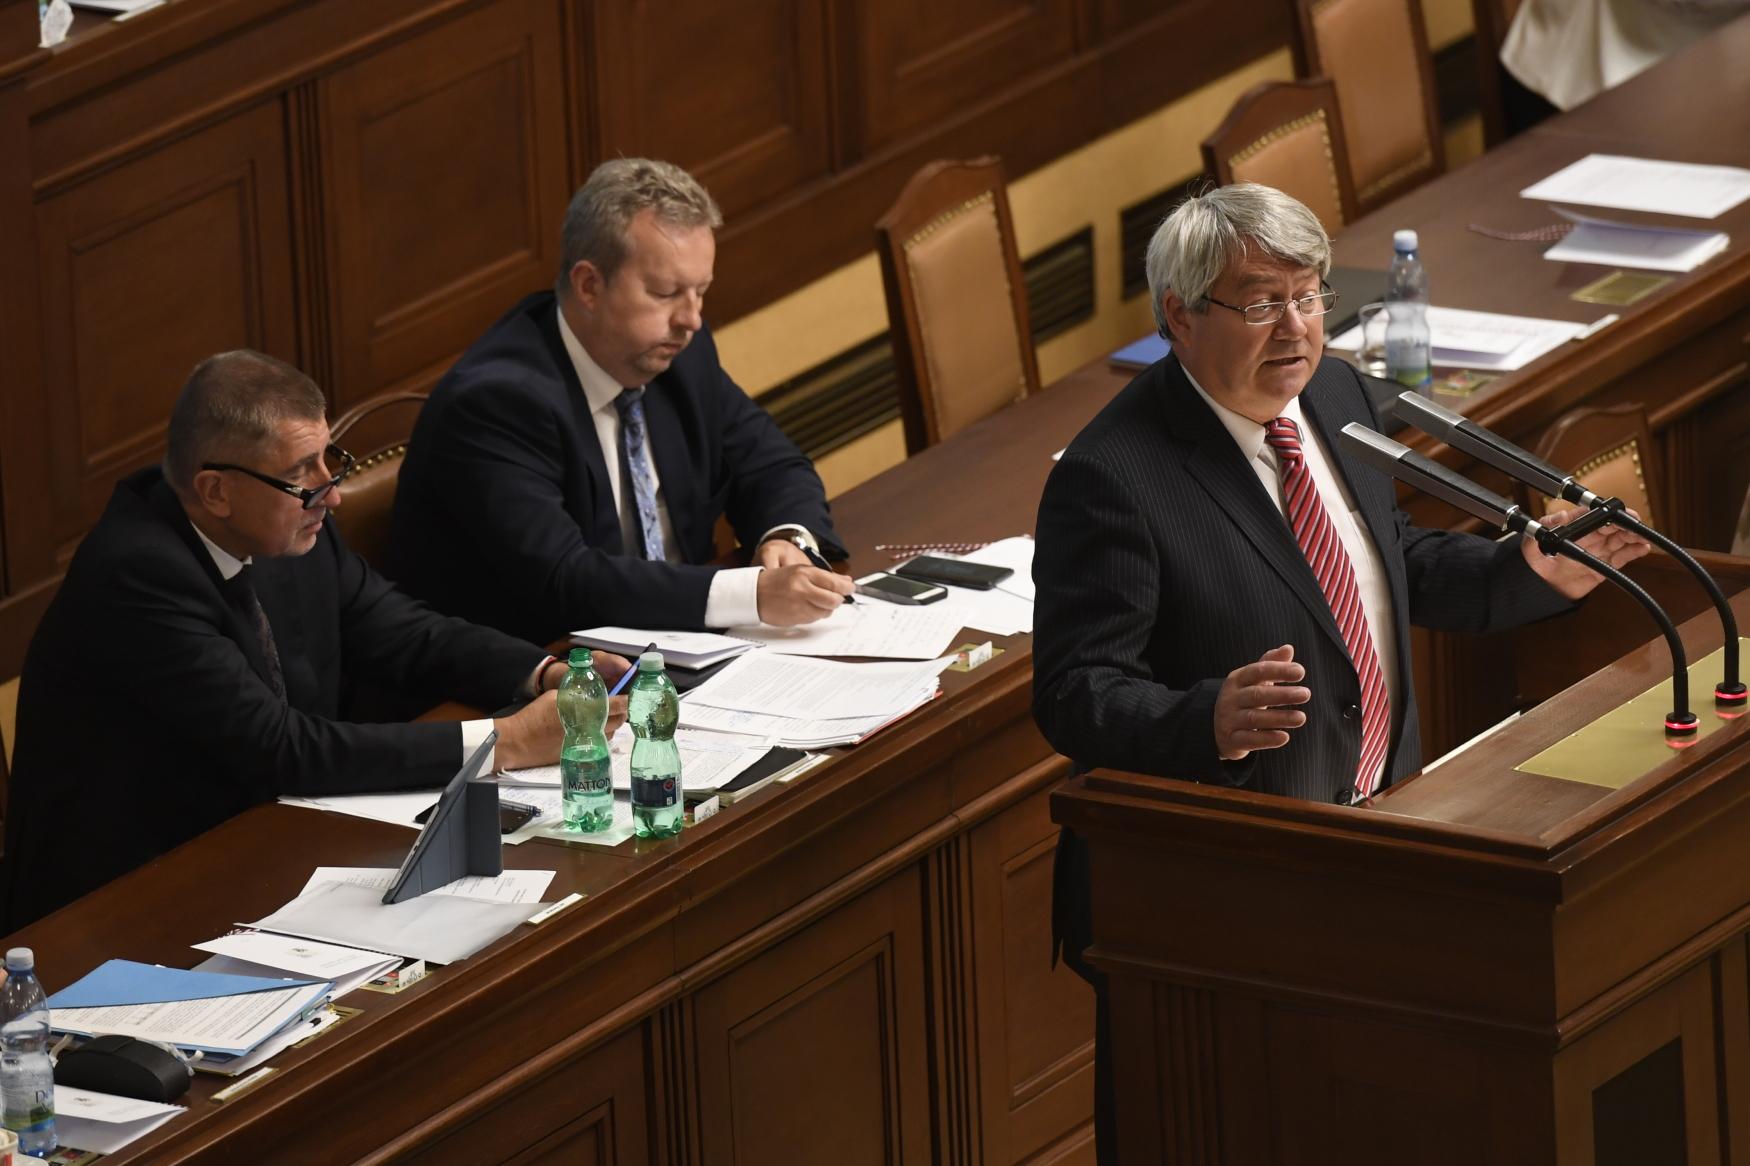 Šéf KSČM Vojtěch Filip při projevu před hlasováním o důvěře v Poslanecké sněmovně.